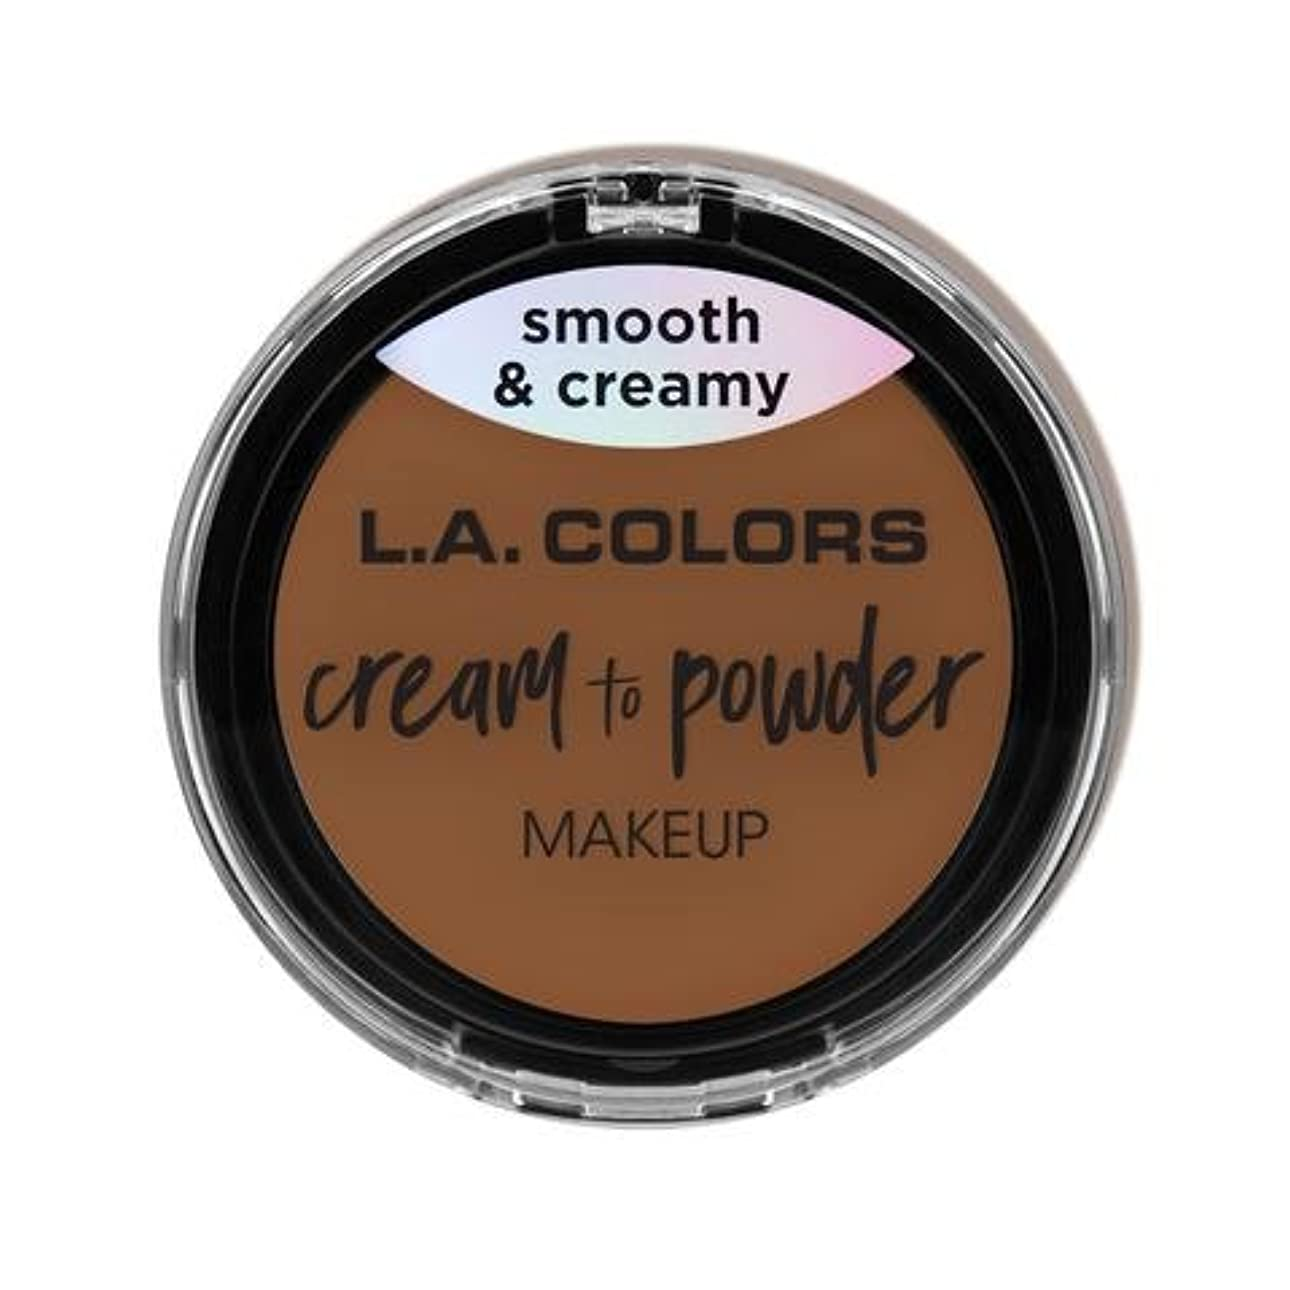 ブランク助けになる合意(3 Pack) L.A. COLORS Cream To Powder Foundation - Tan (並行輸入品)